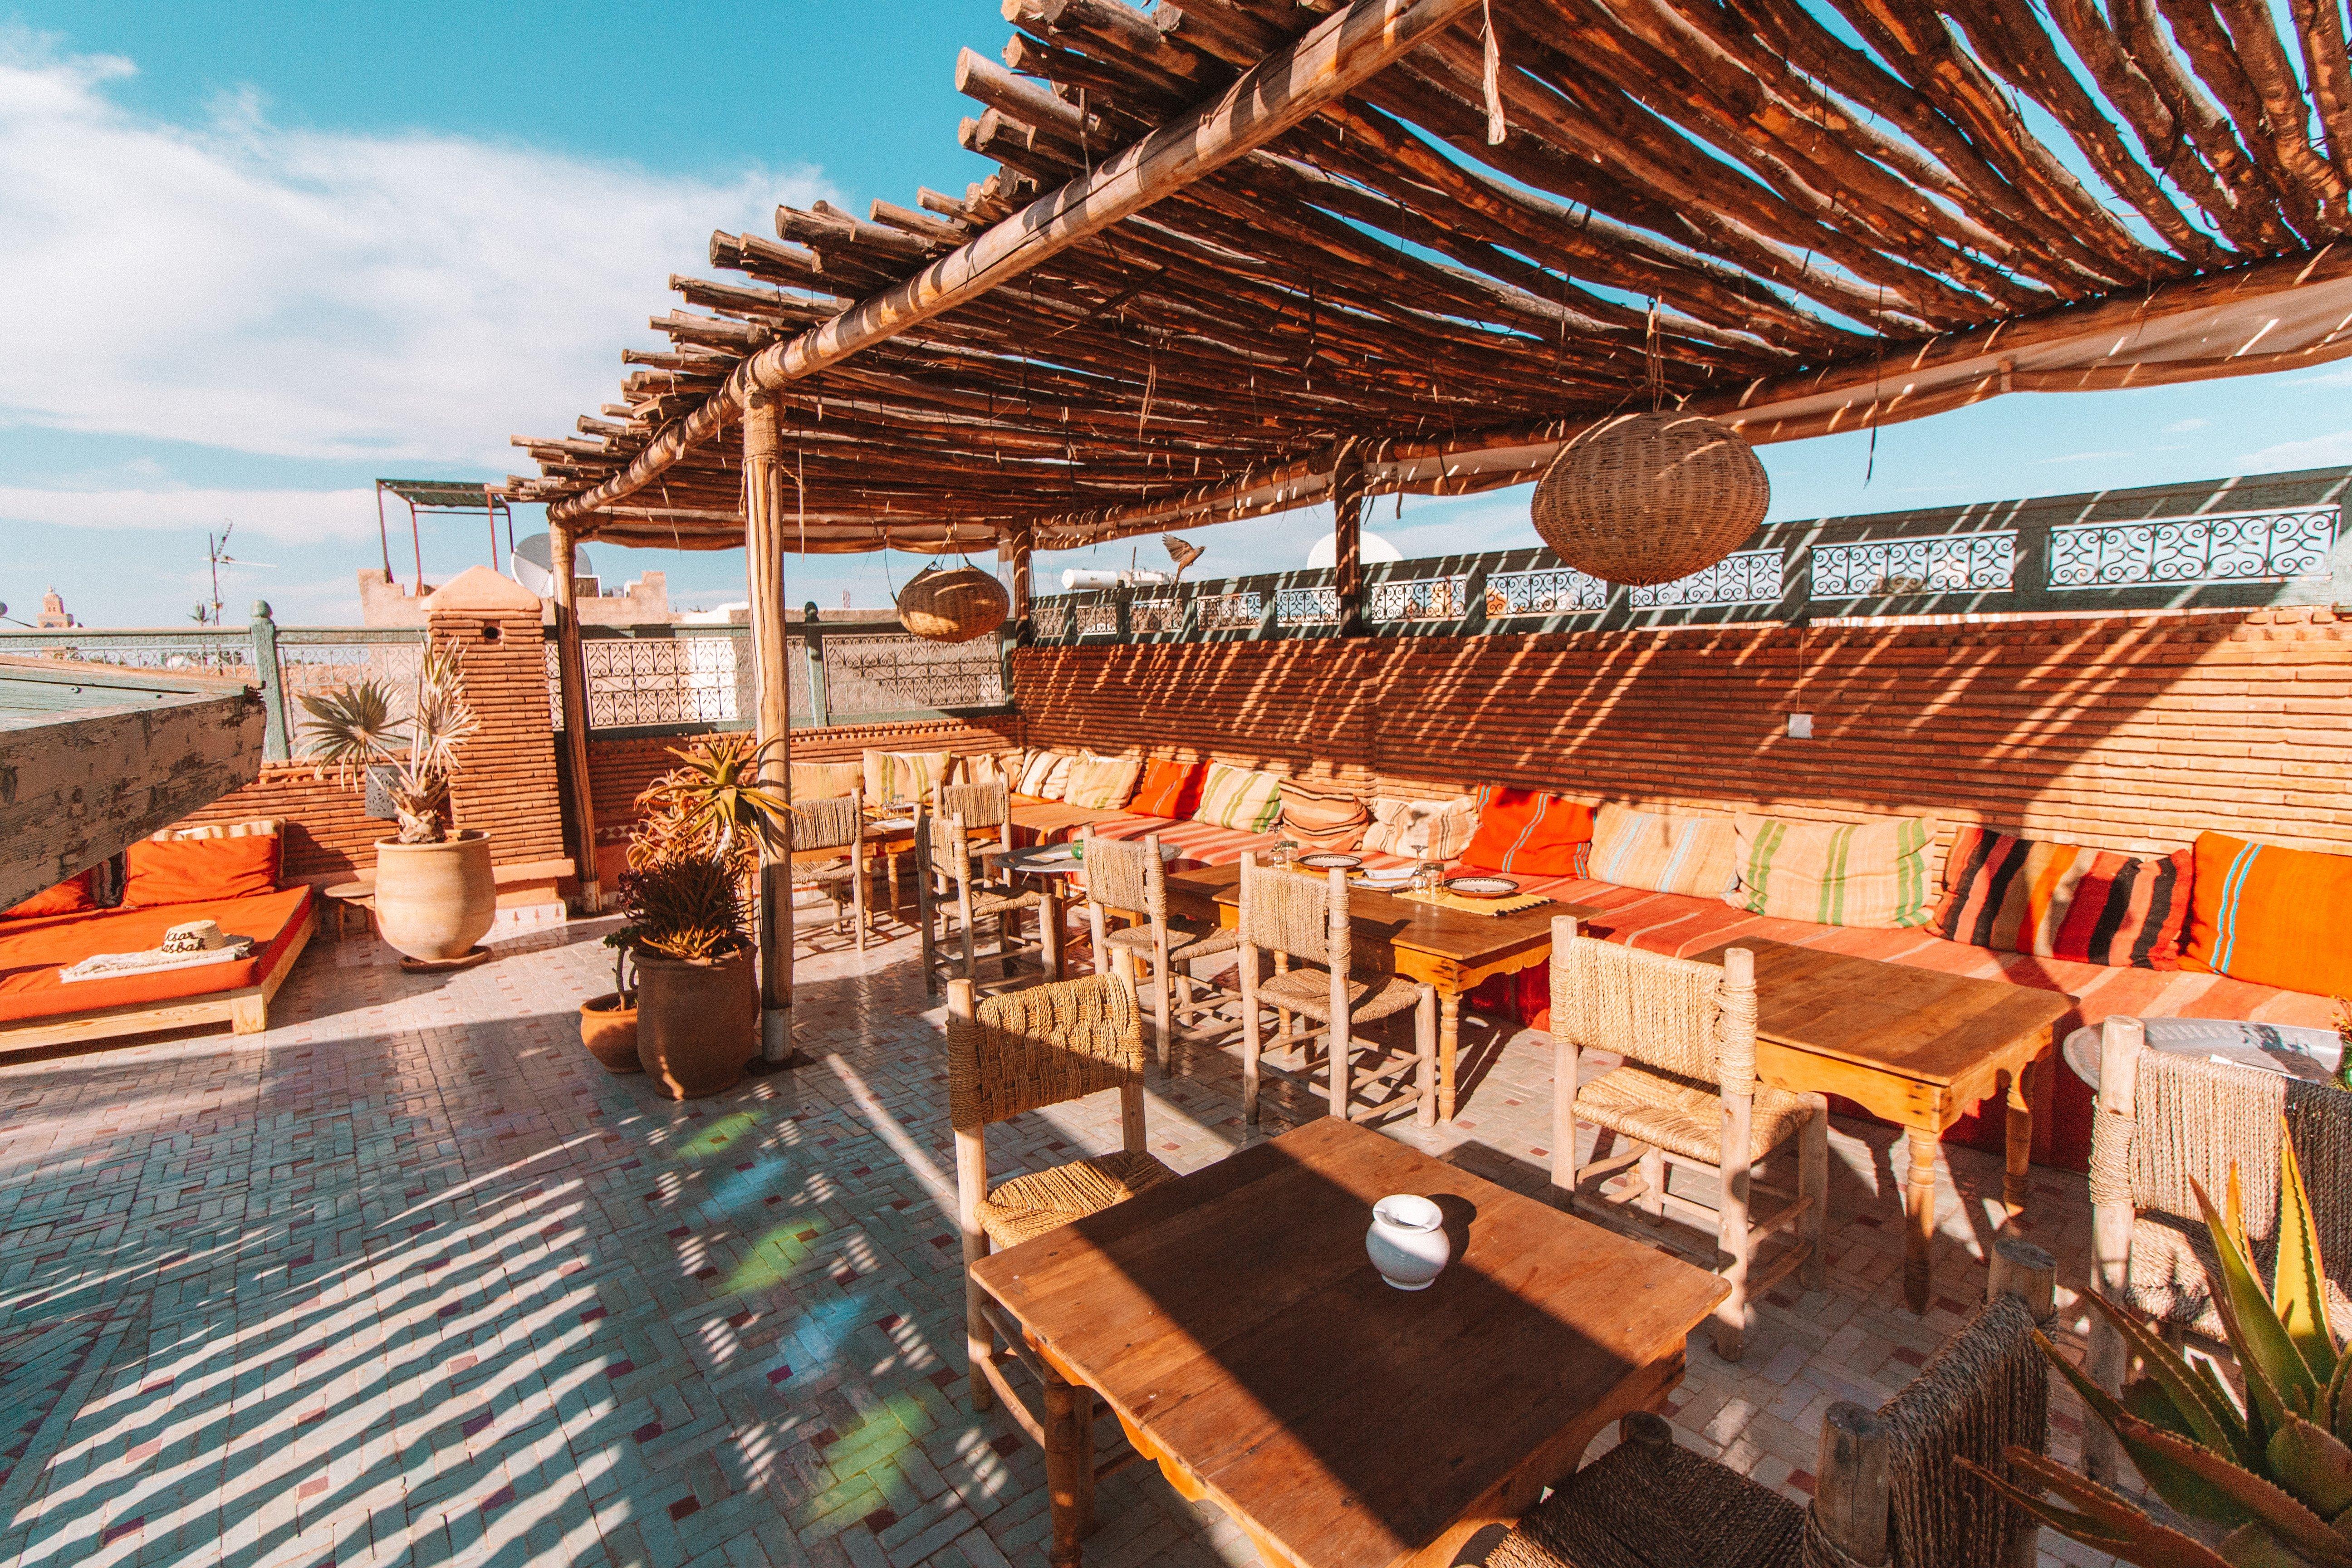 Rooftops in Marrakech